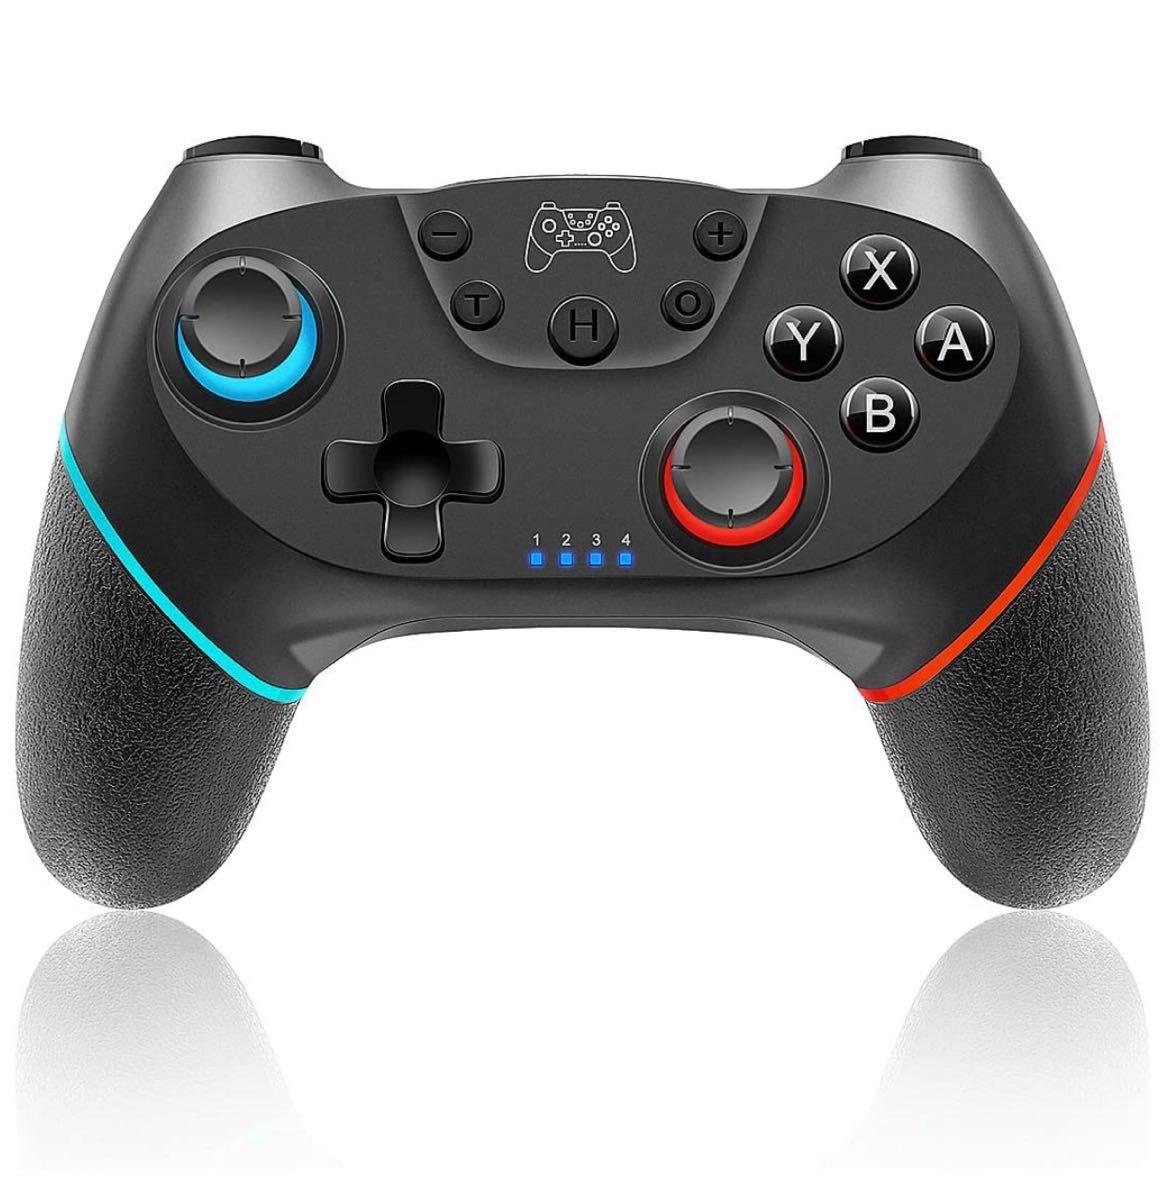 Switchコントローラー ワイヤレス任天堂switch対応 プロコントローラー